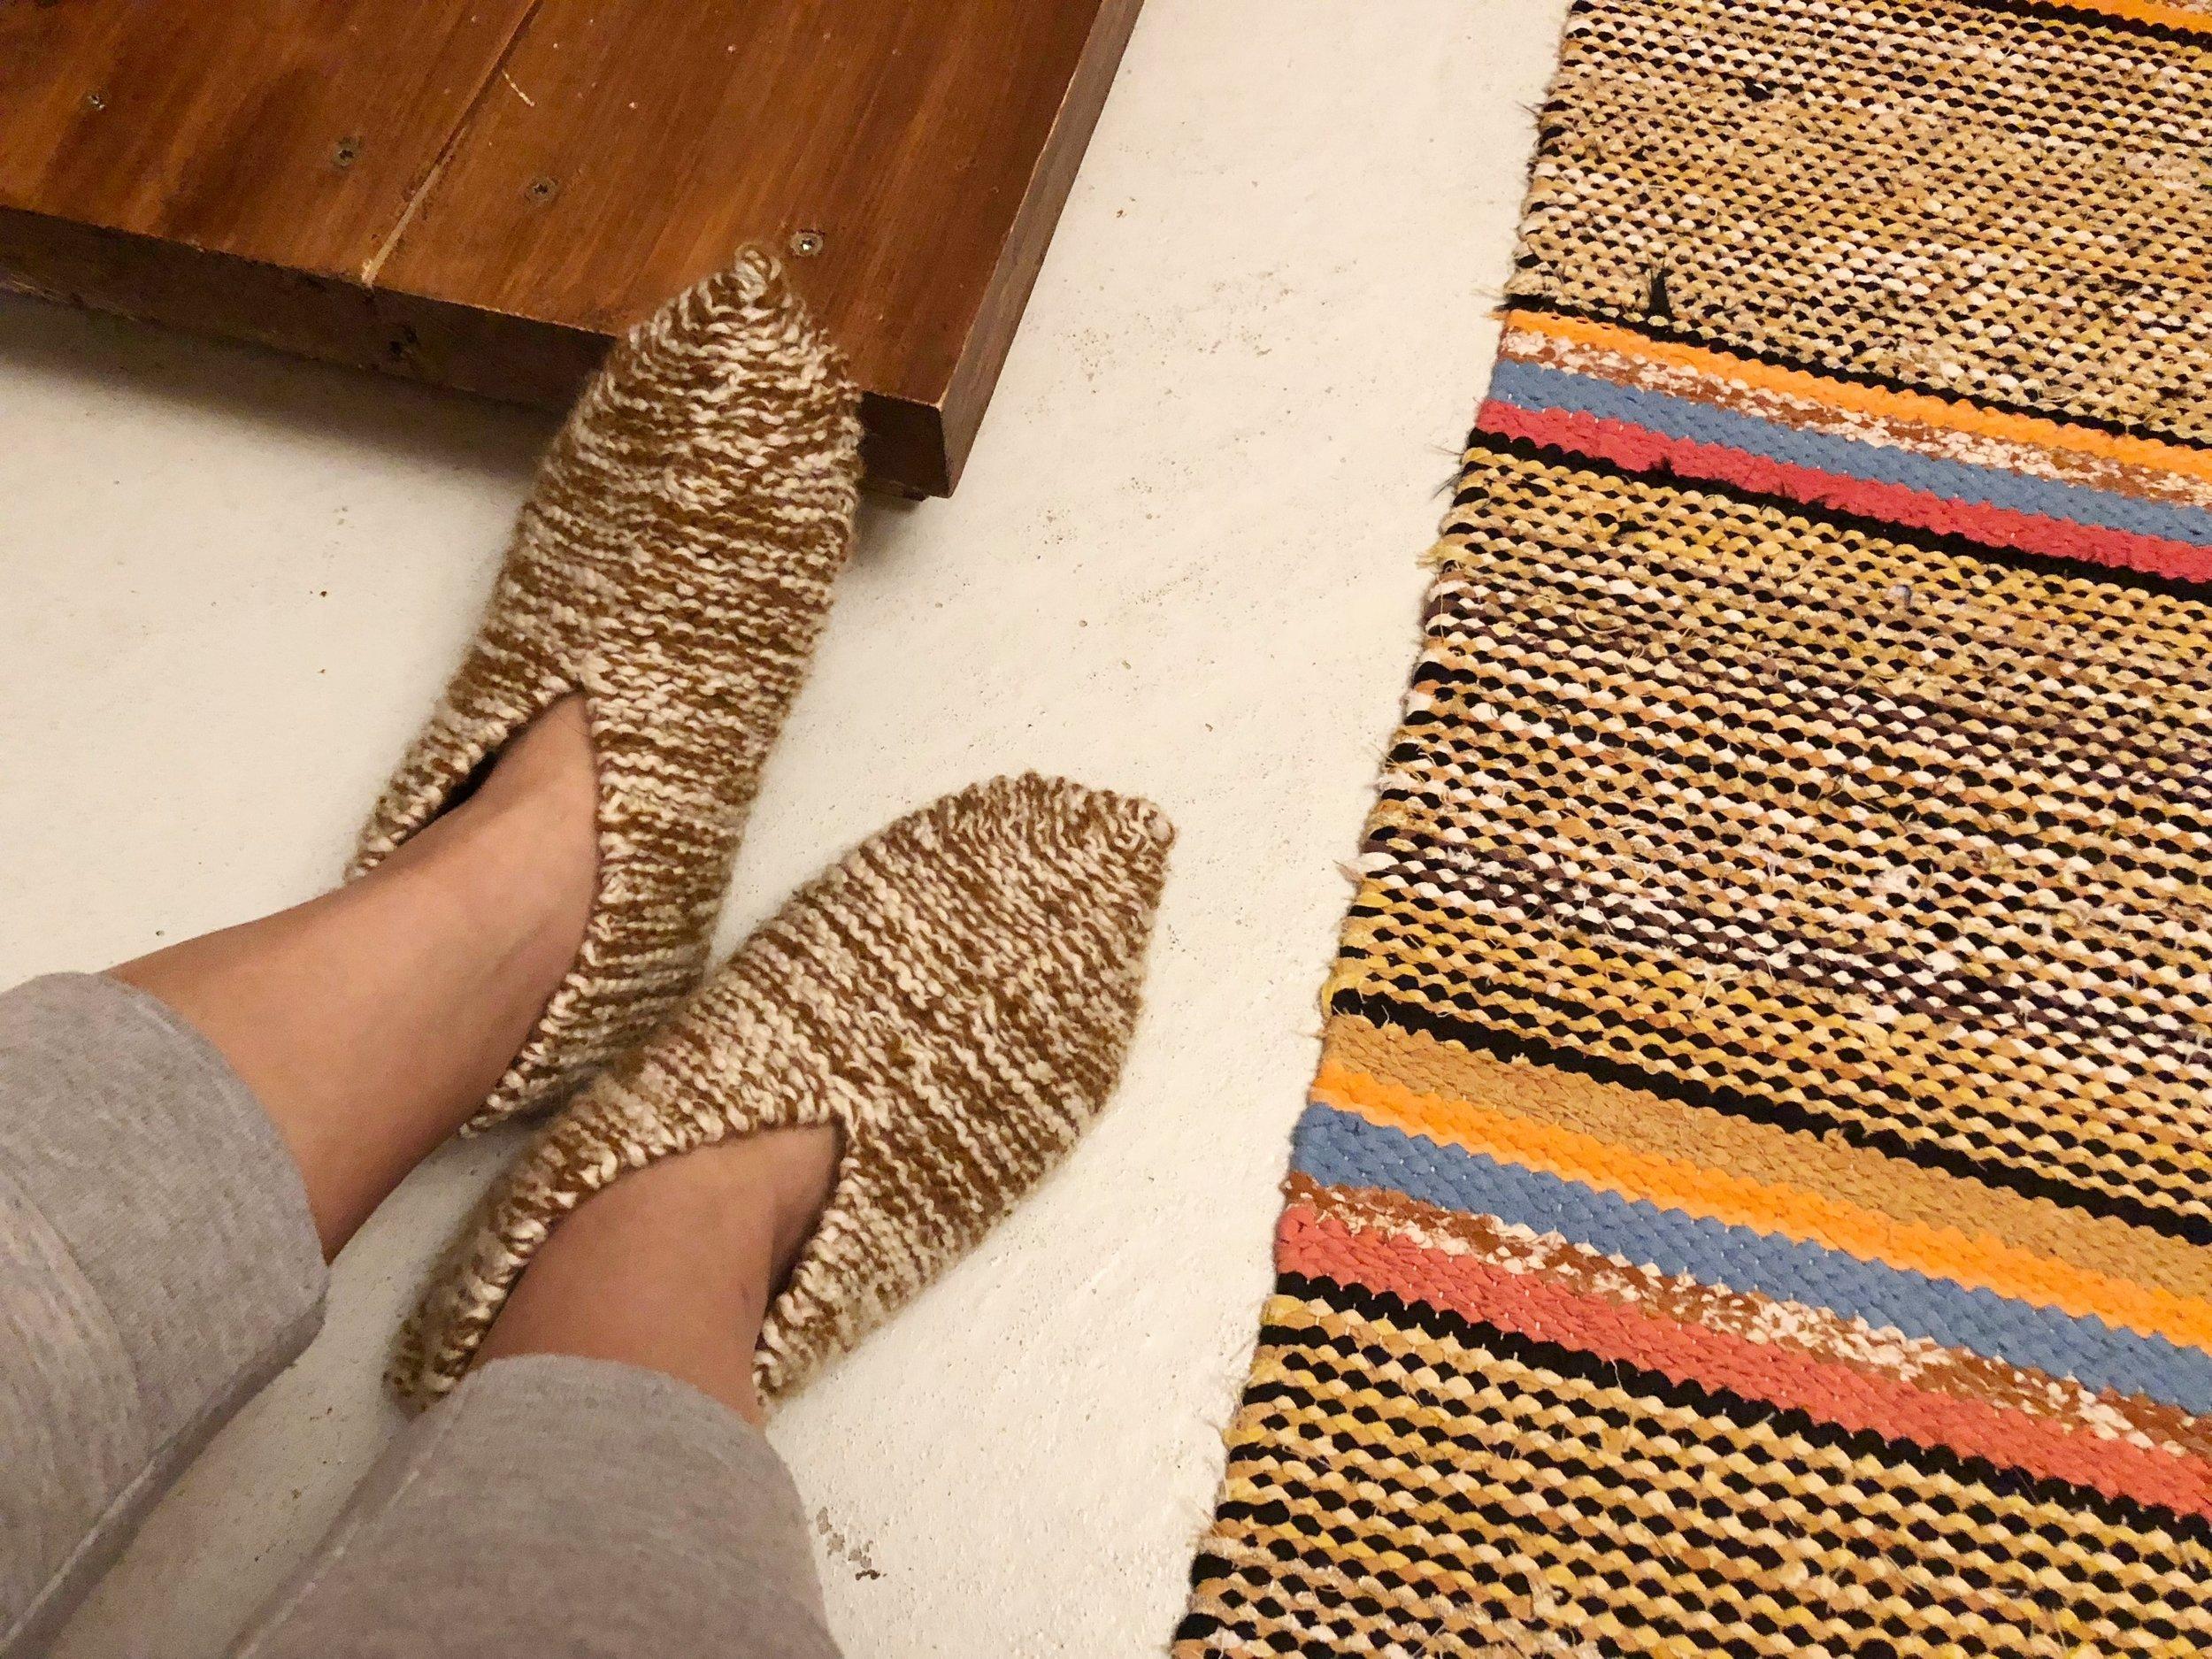 一进门,就会有一双手制的拖鞋给你暖脚... 超喜欢这贴心的举动!